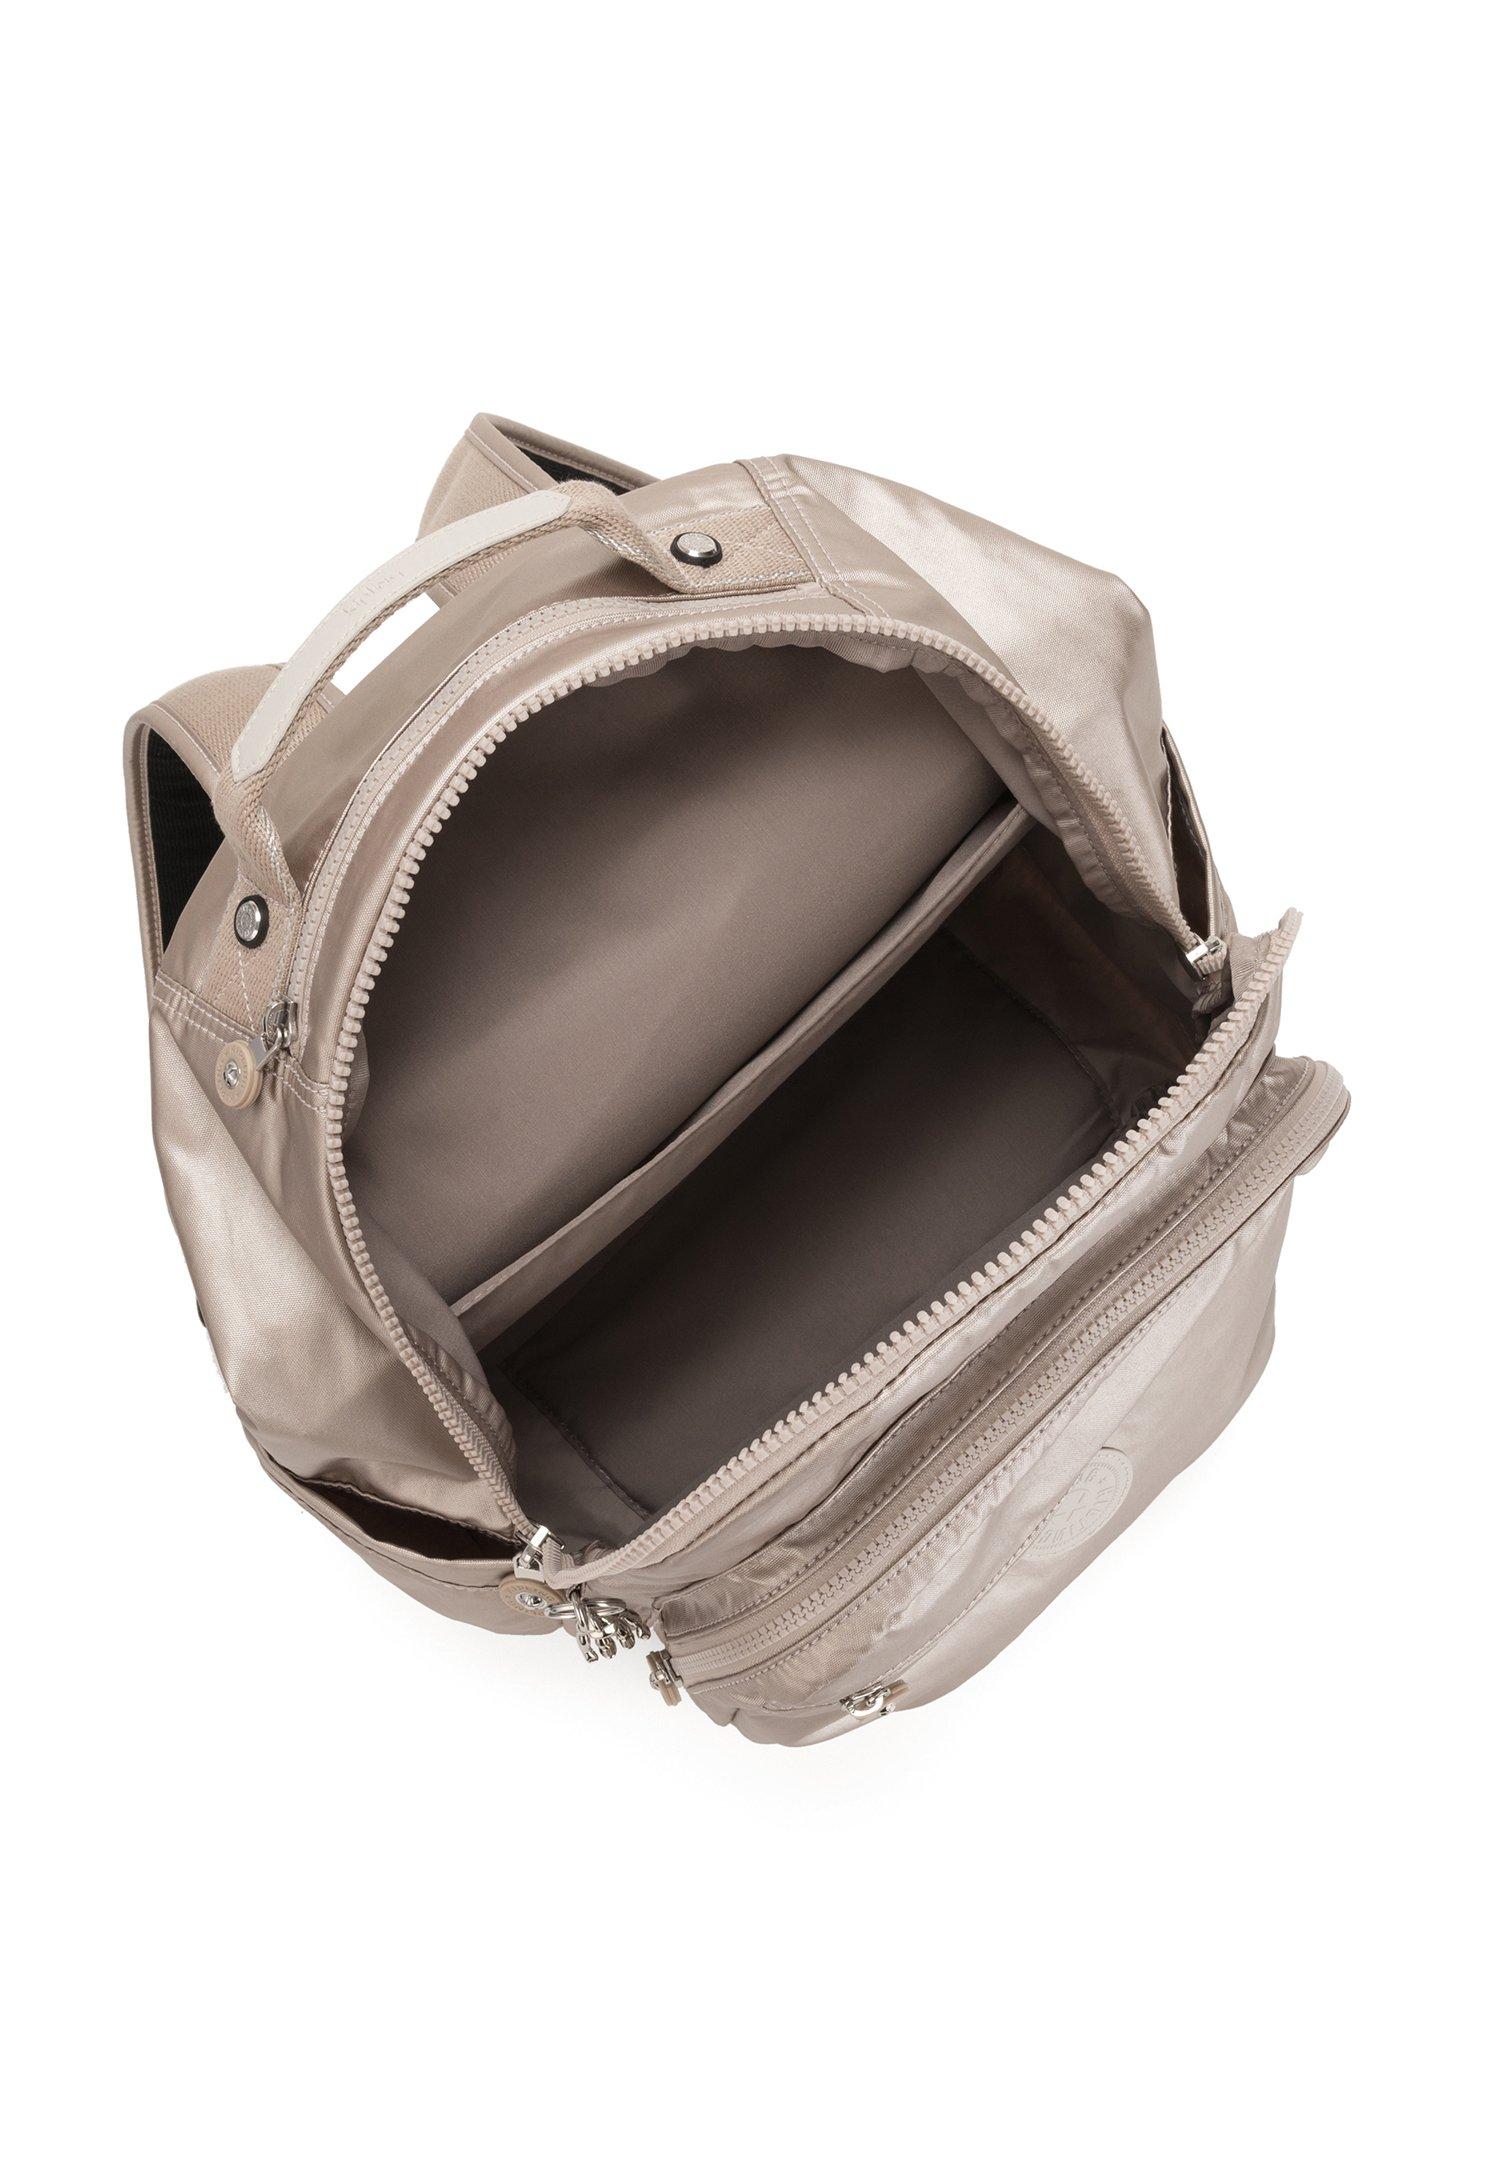 Kipling BASIC PLUS  - Tagesrucksack - gold - Herrentaschen 6rpEy